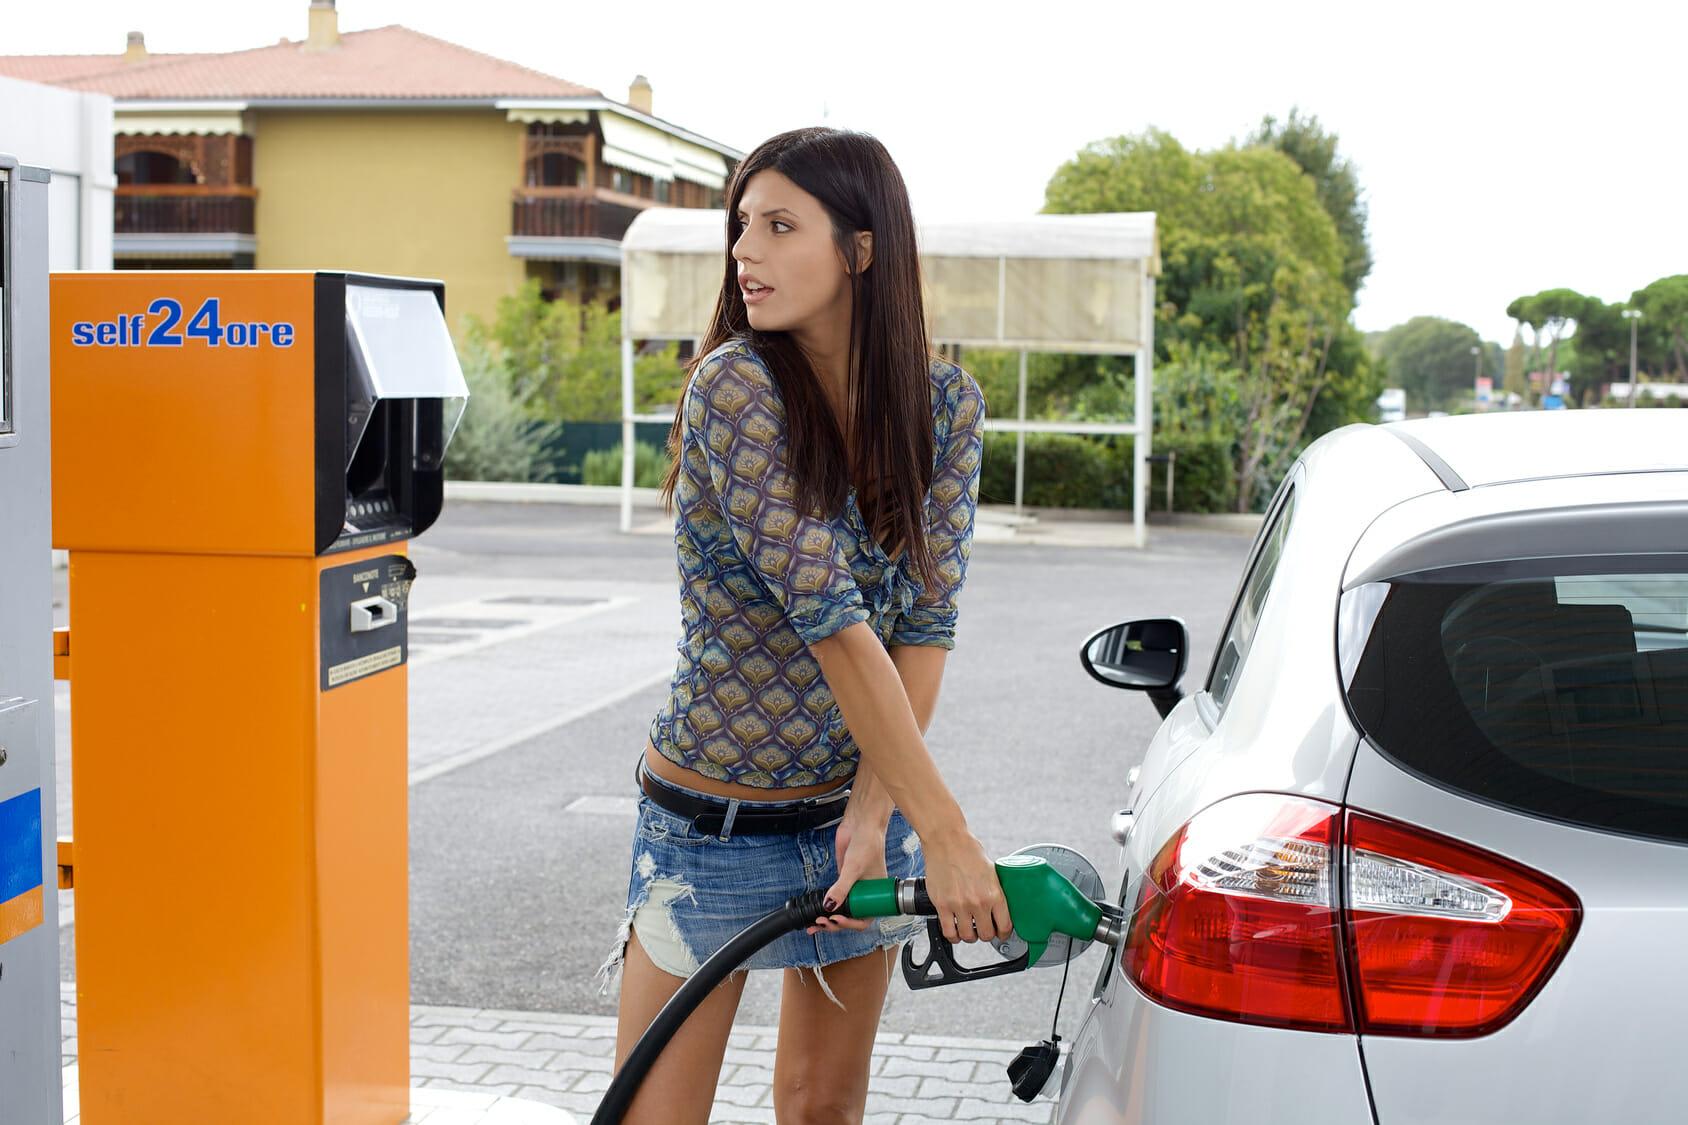 結局電気自動車にすると自宅の電気代が上がるからガソリン代より割高じゃない?   EVsmartブログ